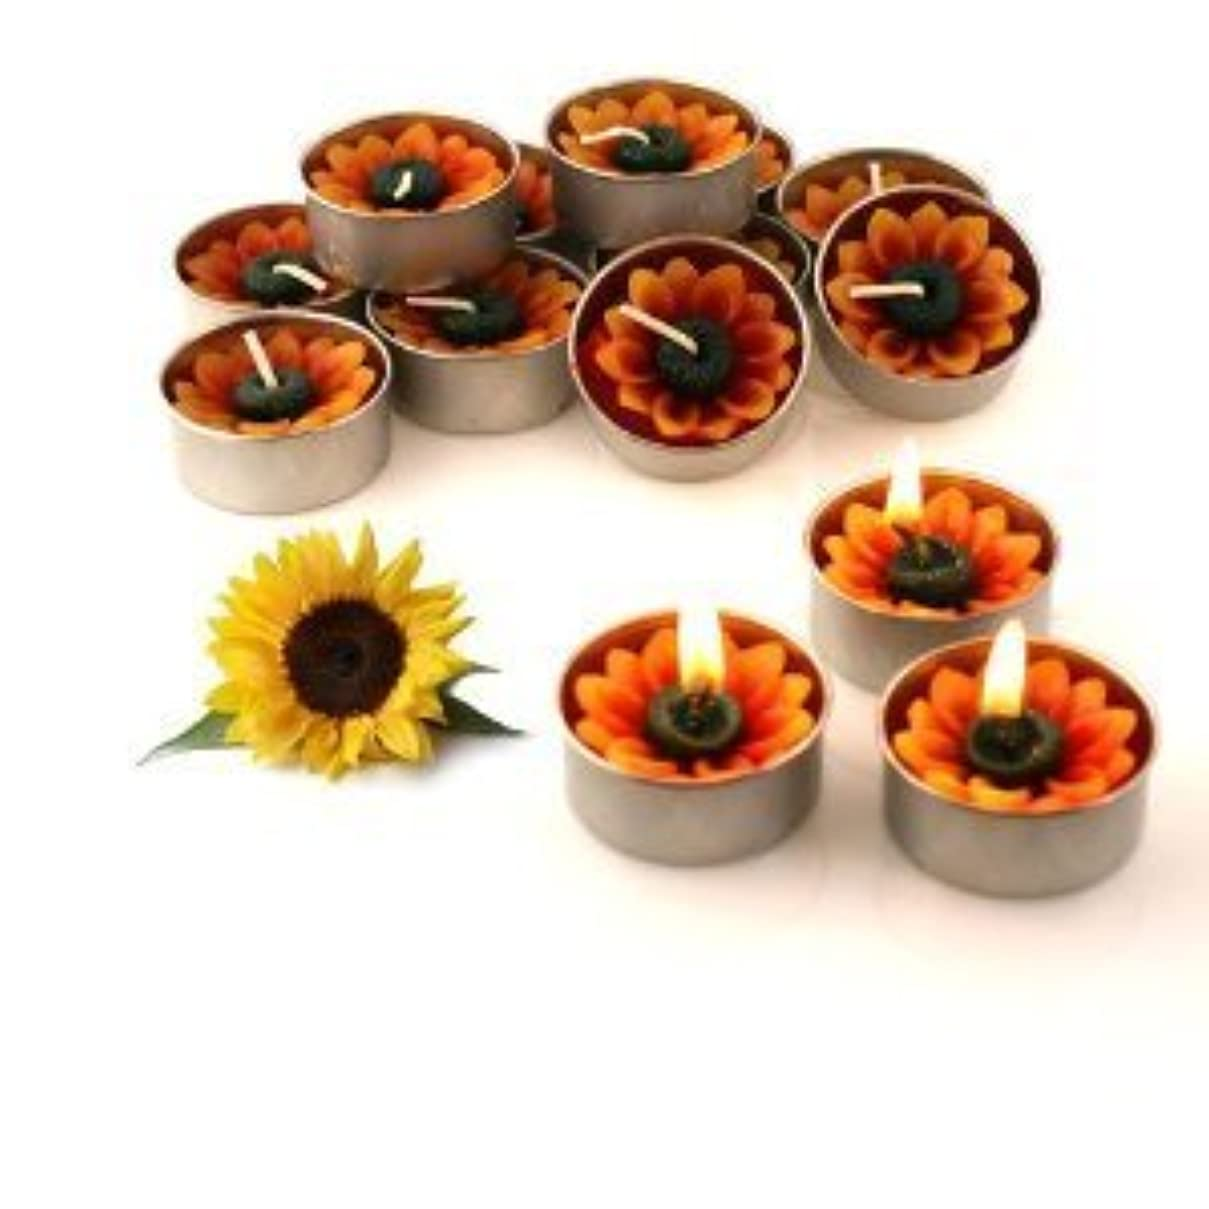 薬剤師レッドデート矢じりRelax Spa Shop @ Sun Flower Candle in Tea Lights , Floating Candles, Scented Tea Lights ,Aromatherapy Relax (Sun Flower Candle in Tea Lights Pack of 10 Pcs.) by Relax Spa Shop